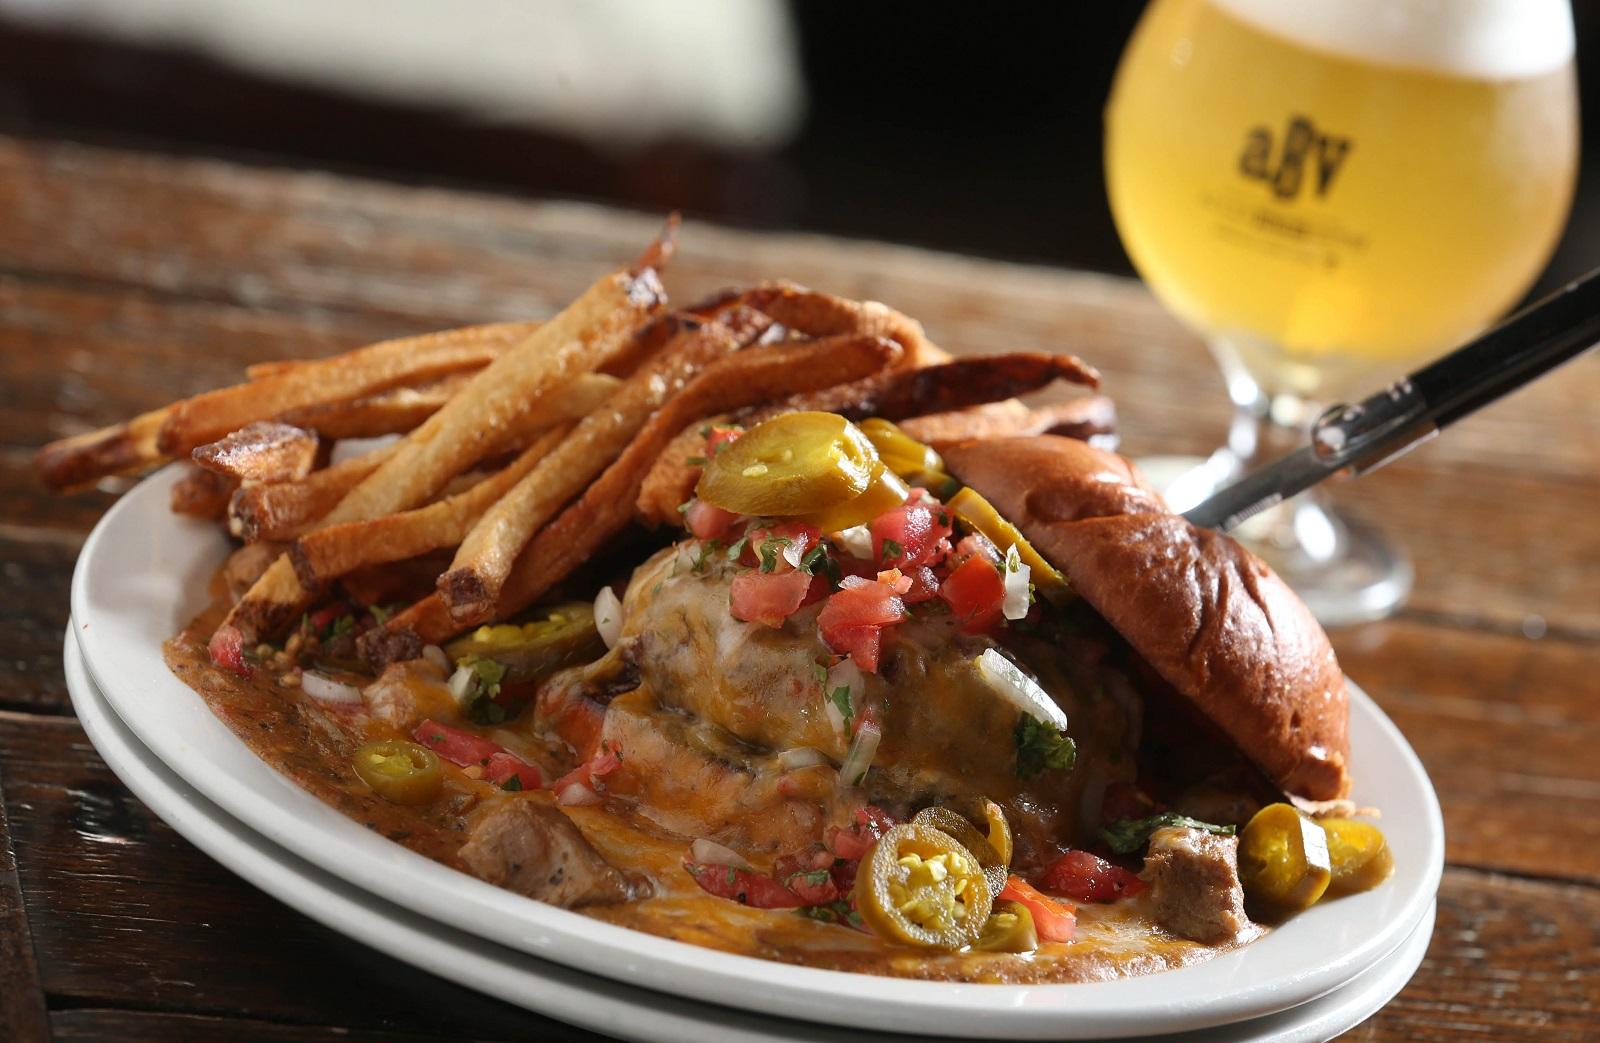 Colorado pork green chile burger from Allen Burger Venture. (Sharon Cantillon/Buffalo News)